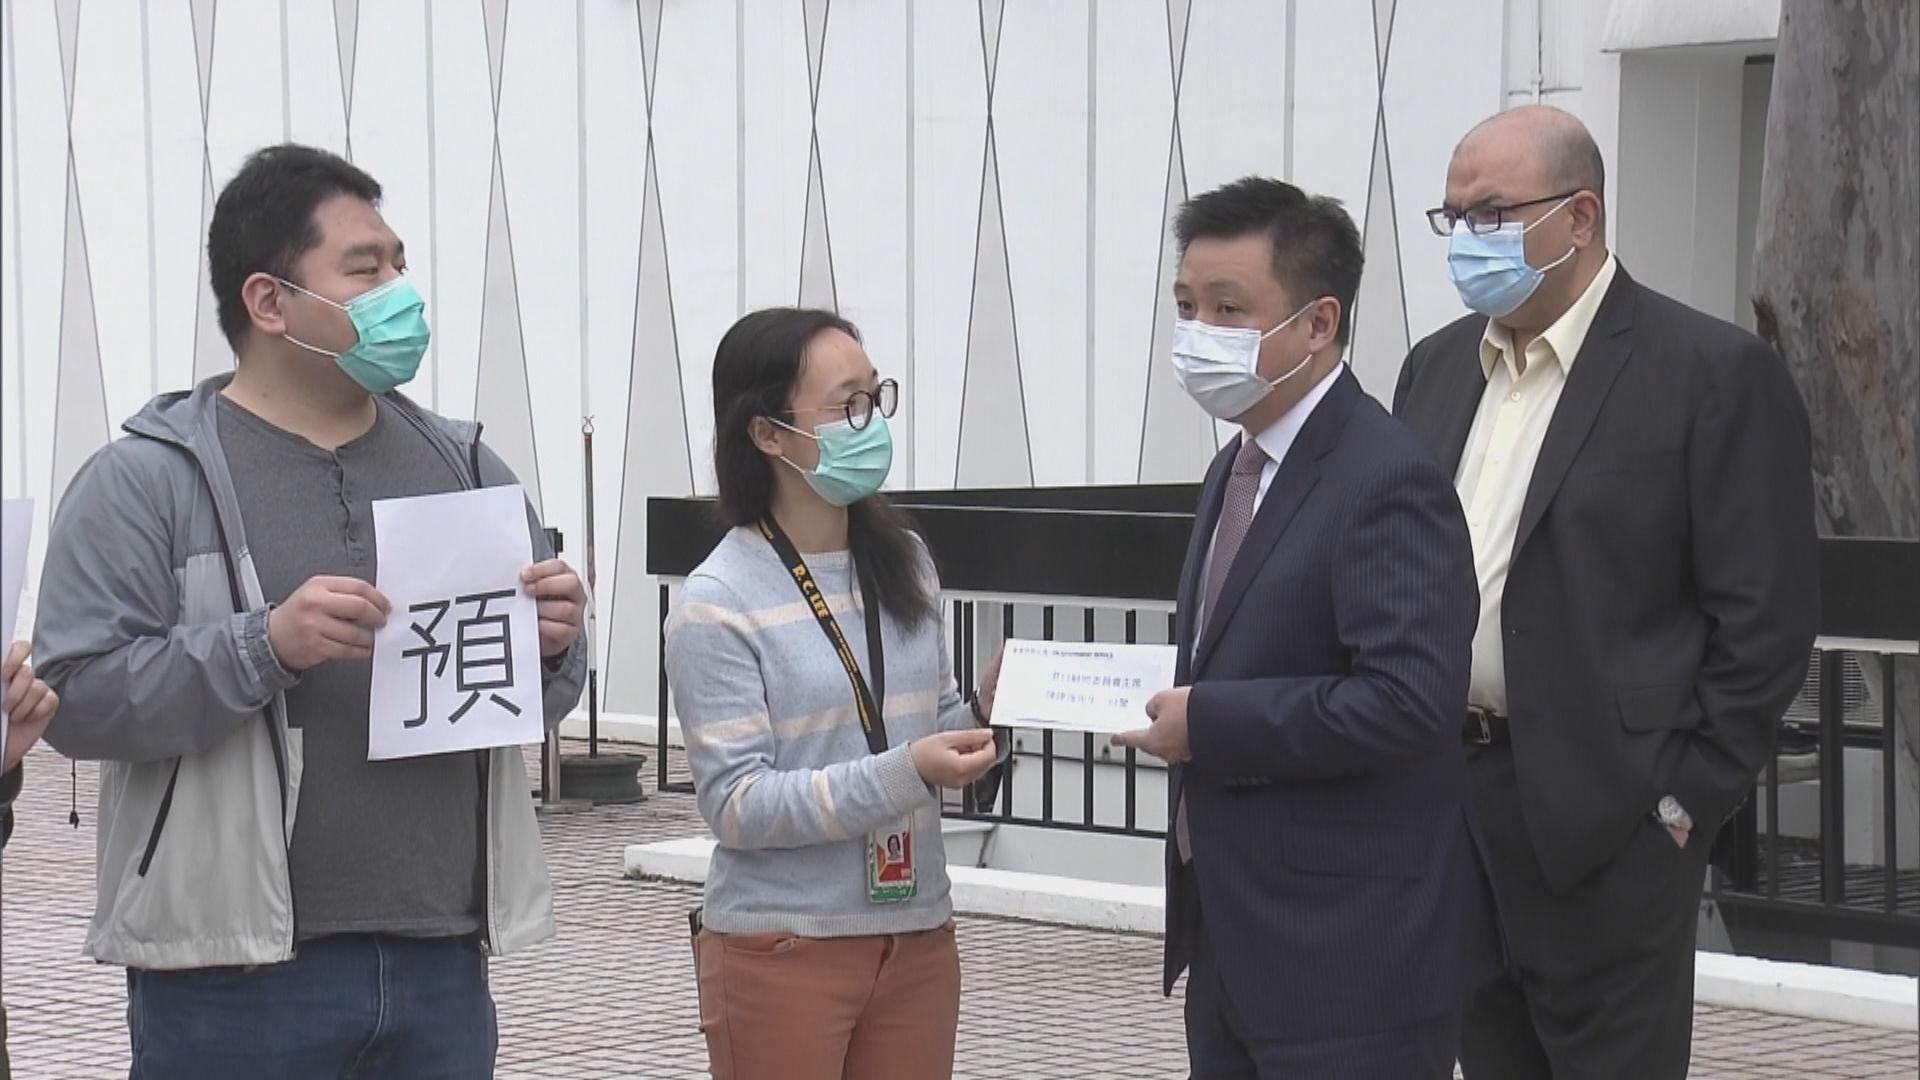 港台顧委會與廣播處長會面 工會到場抗議